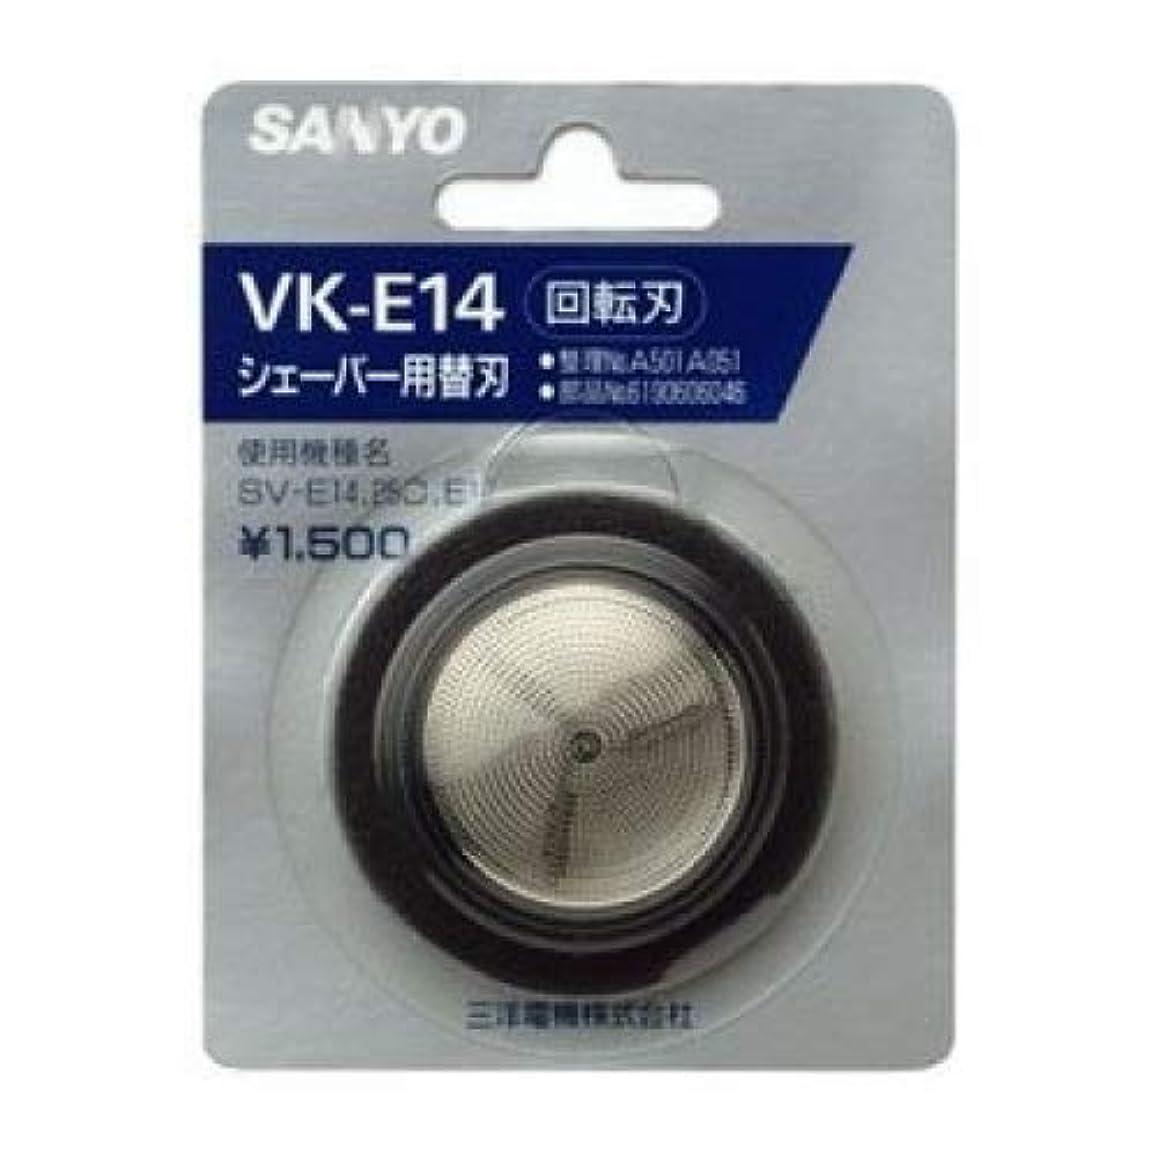 もう一度エミュレートする教SANYO シェーバー用替刃 回転式 内?外刃セット KA-VK-E14